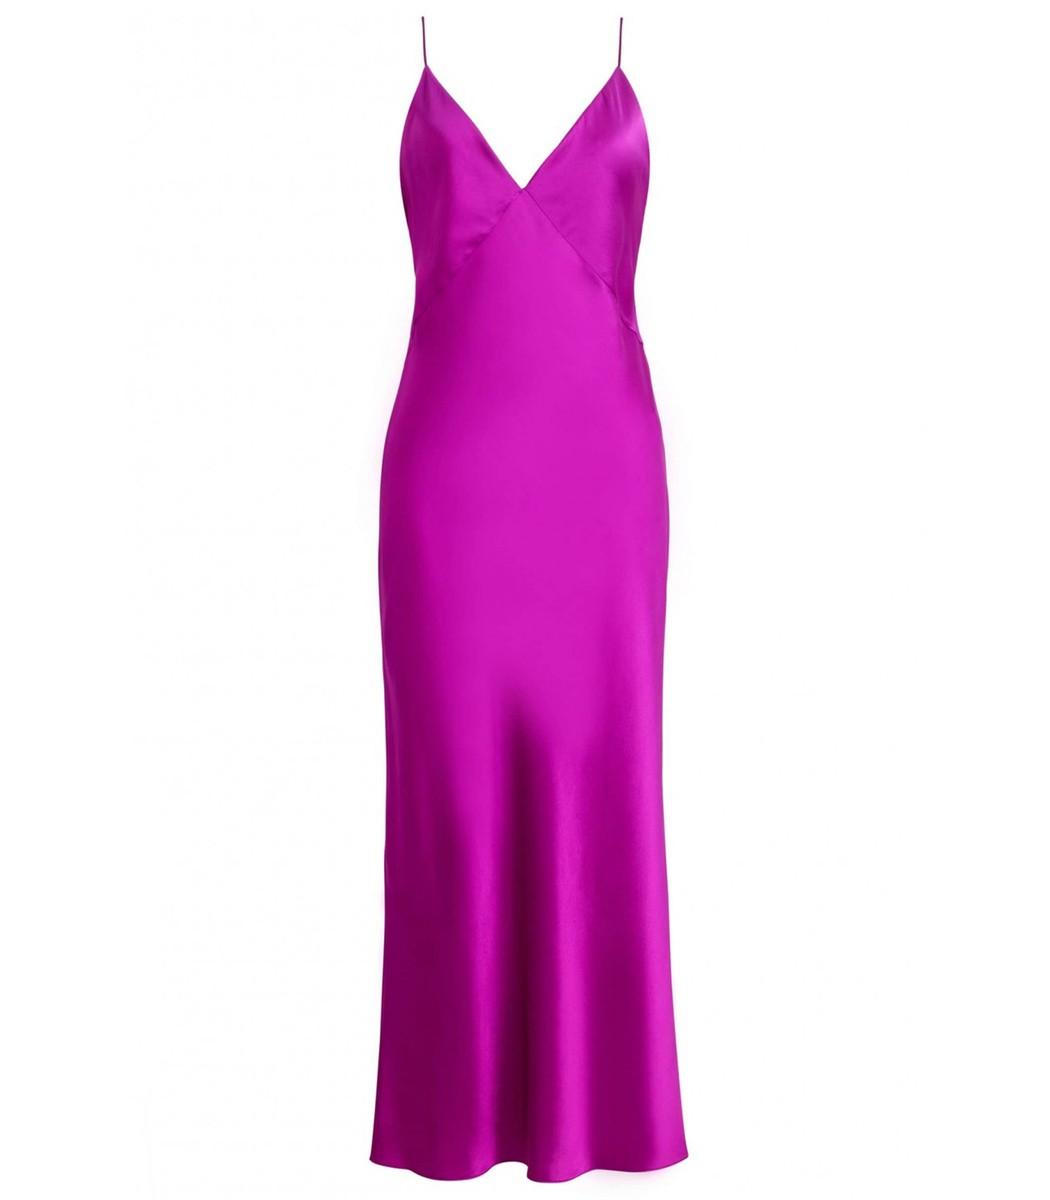 Olivia von Halle Issa Slip Dress - Magenta Silk Dress